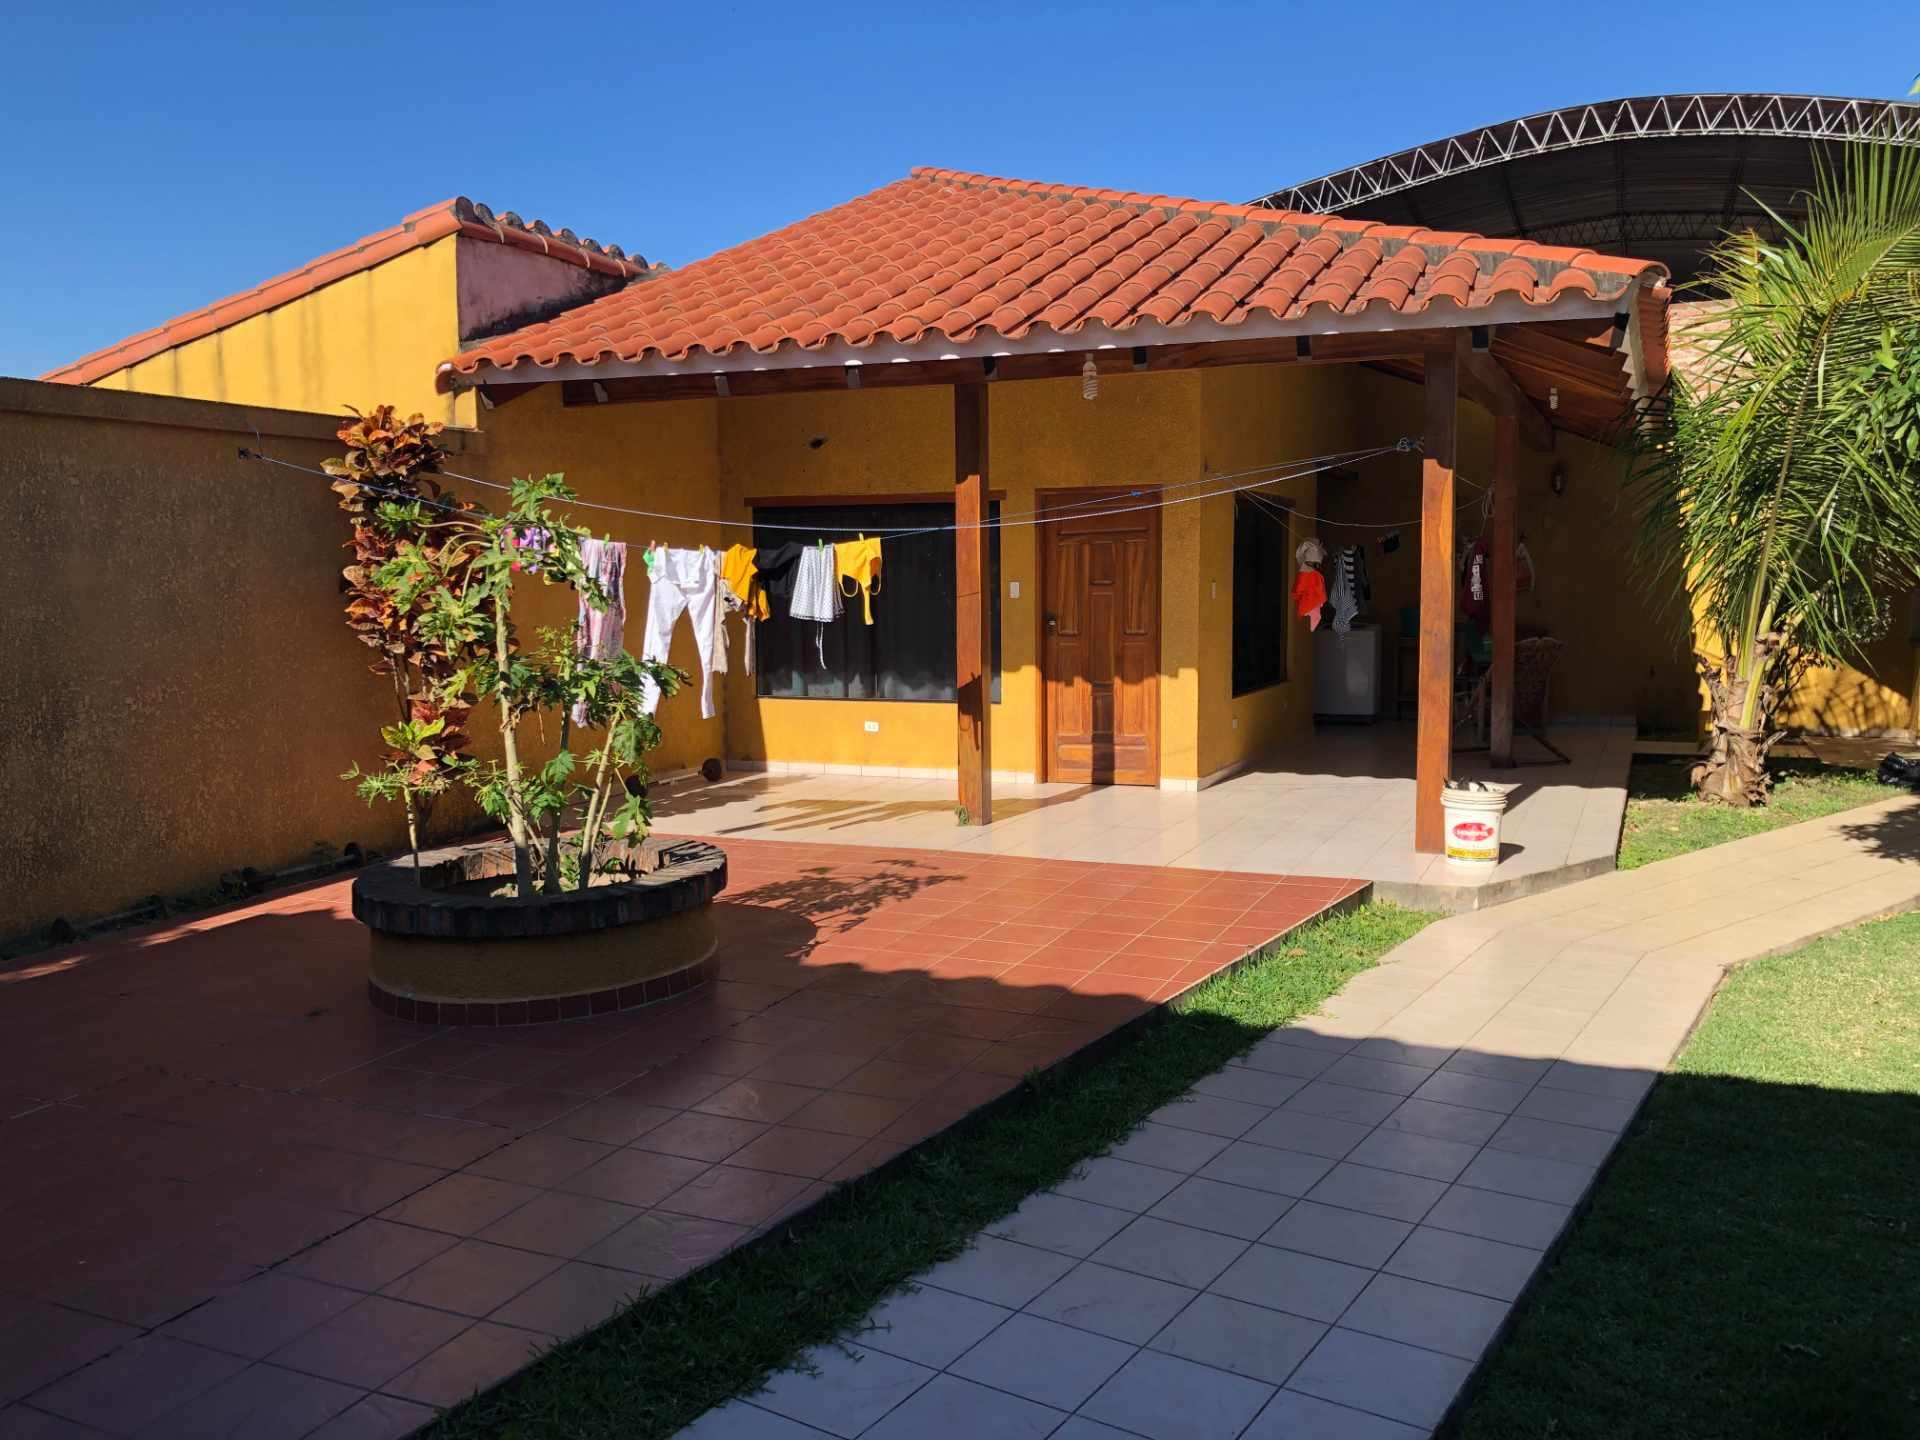 Casa en Venta Los Tusequis, Avenida 2 de Agosto Calle Zula. Foto 14